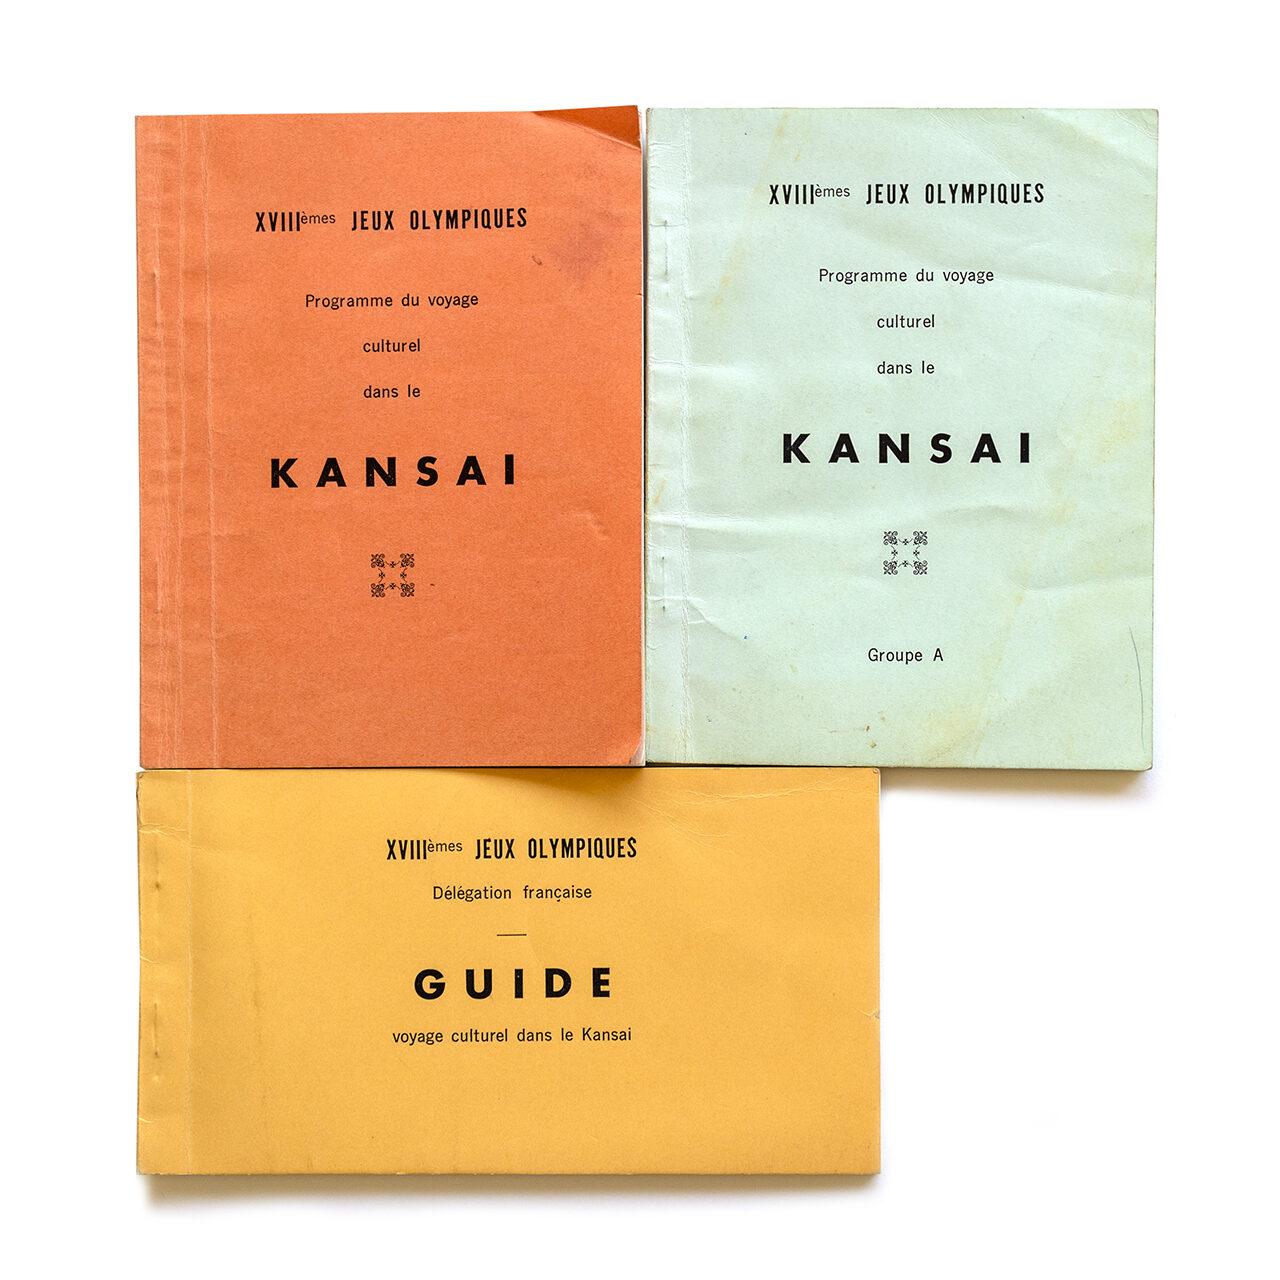 1964年東京オリンピックフランス代表選手団の関西旅行のしおり